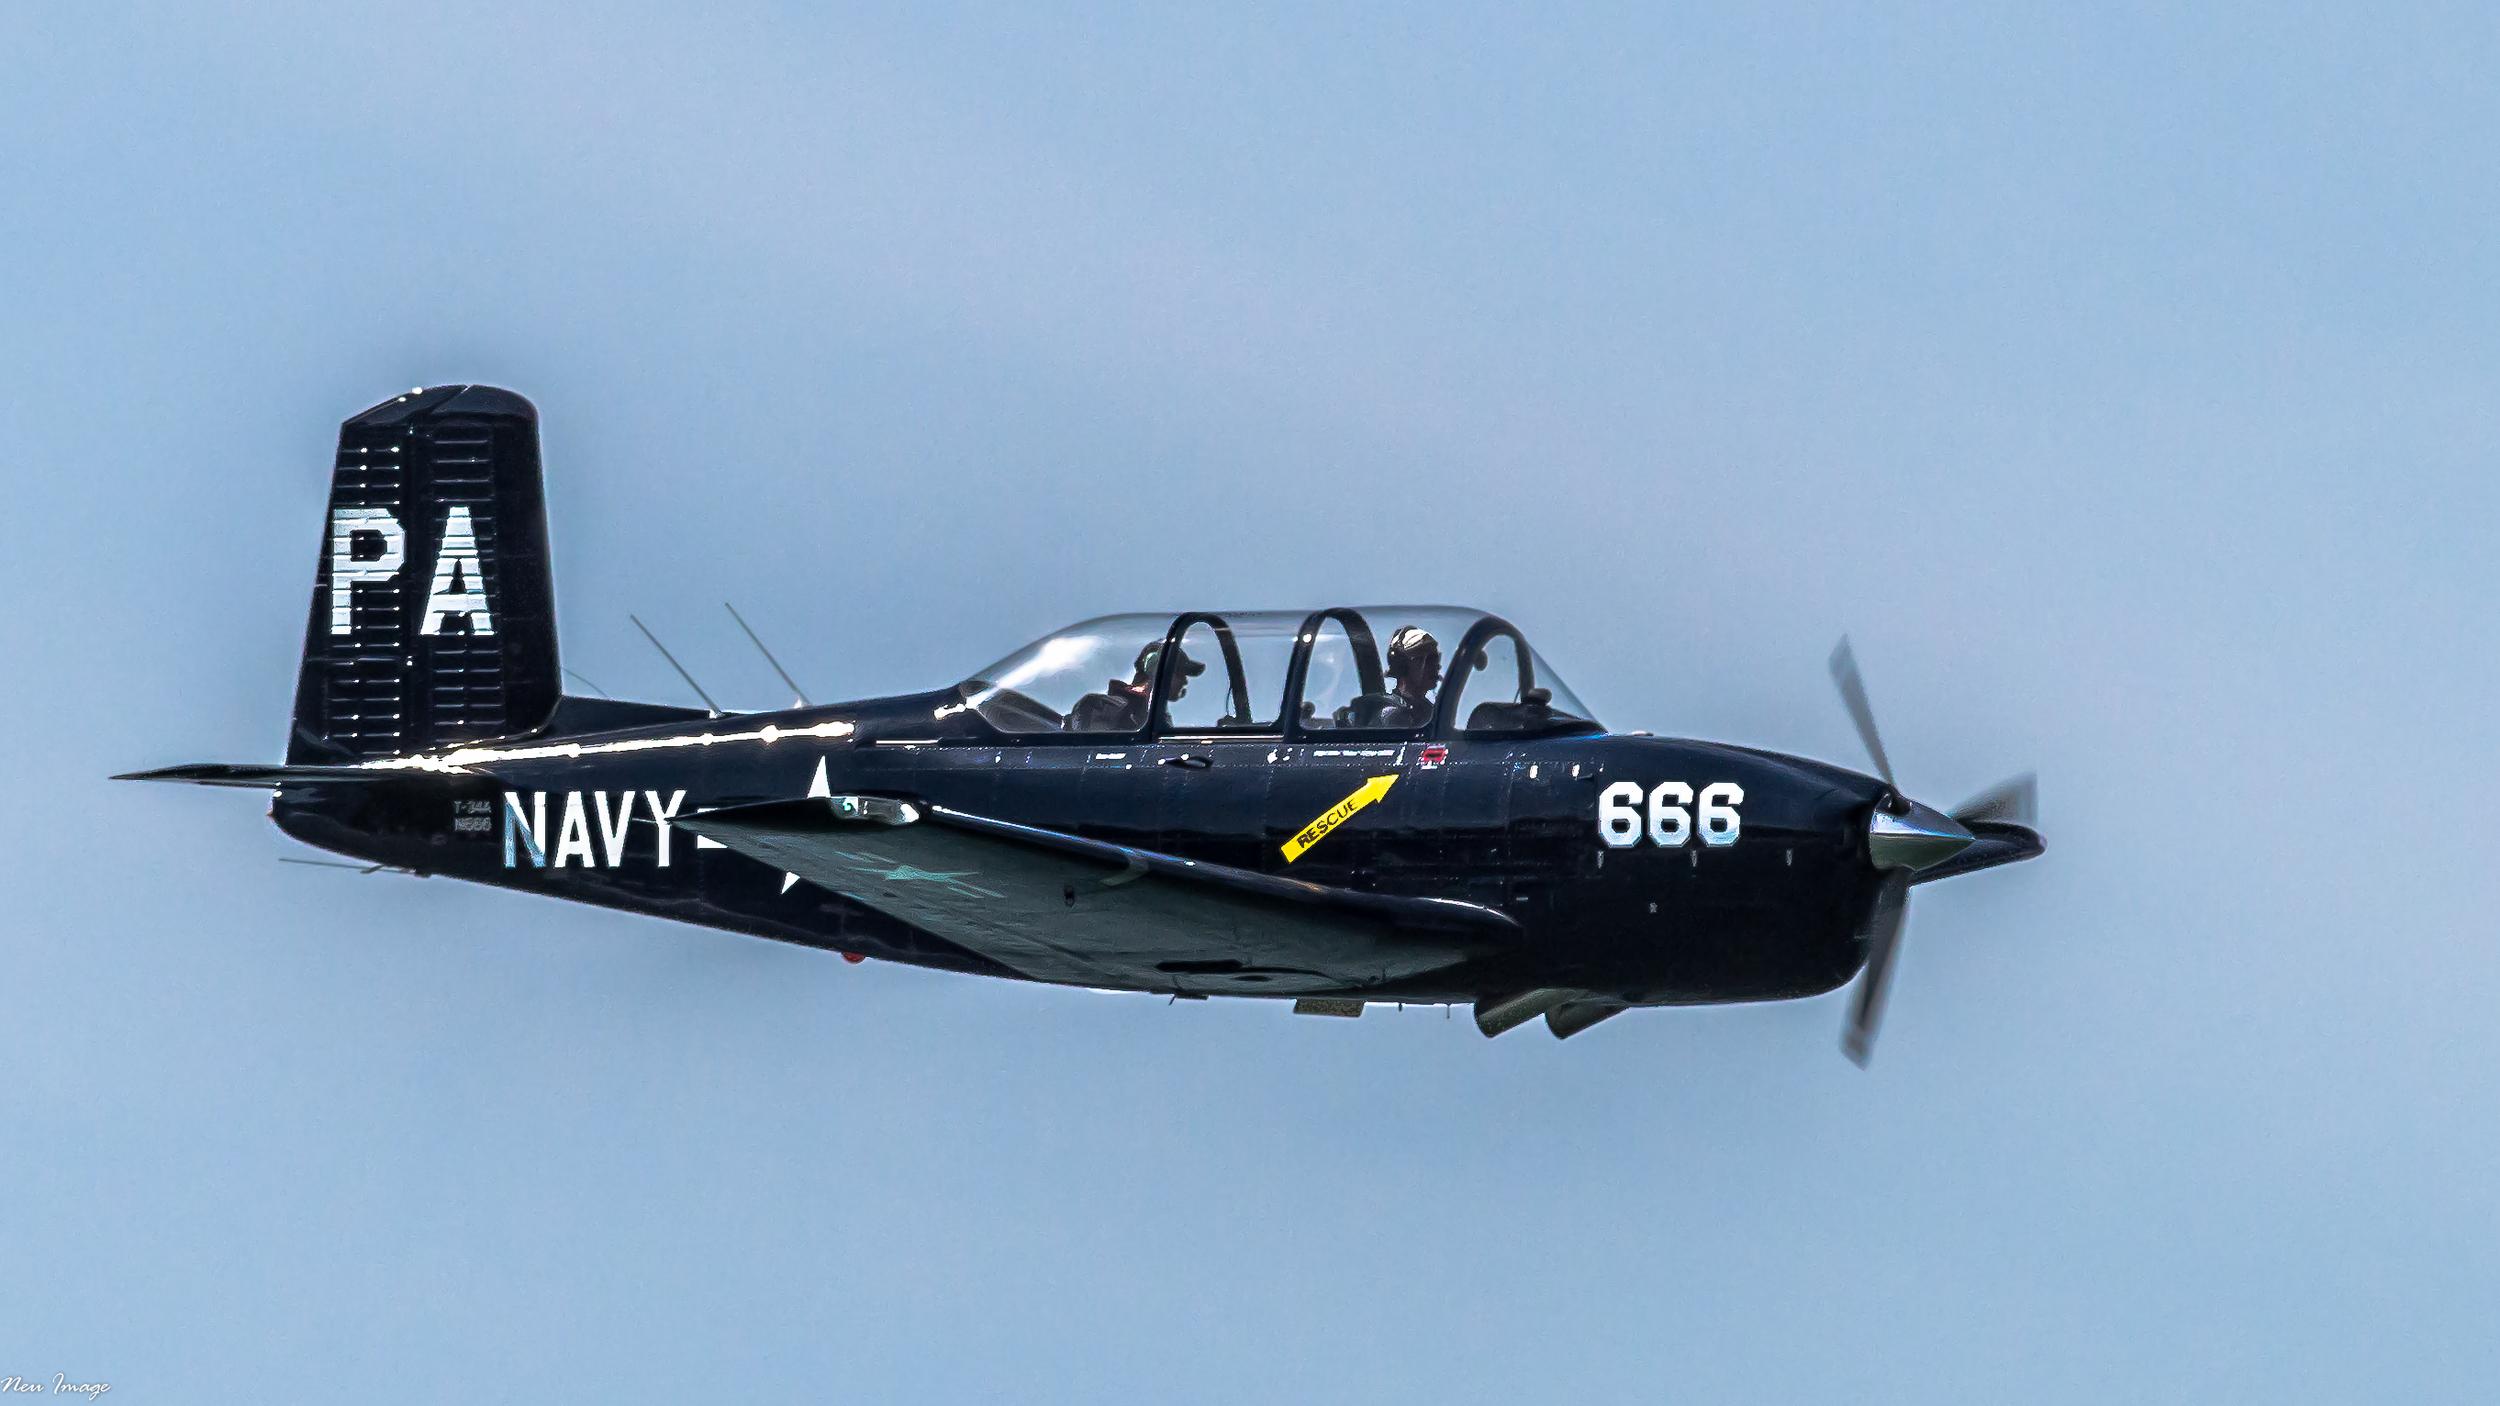 navy 666.jpg